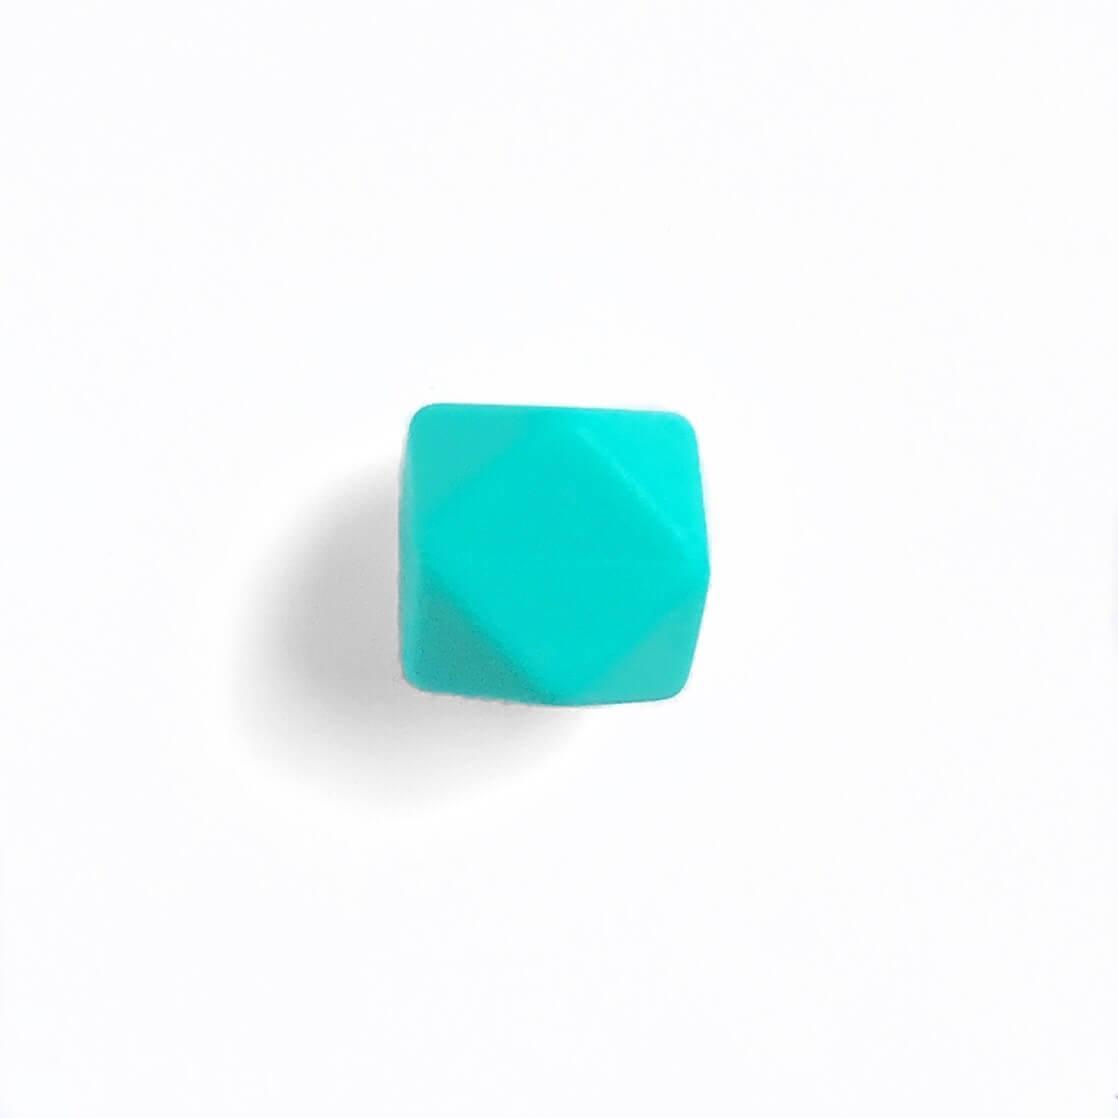 МИНИ гексагон (бирюза) 14мм, силиконовая бусина